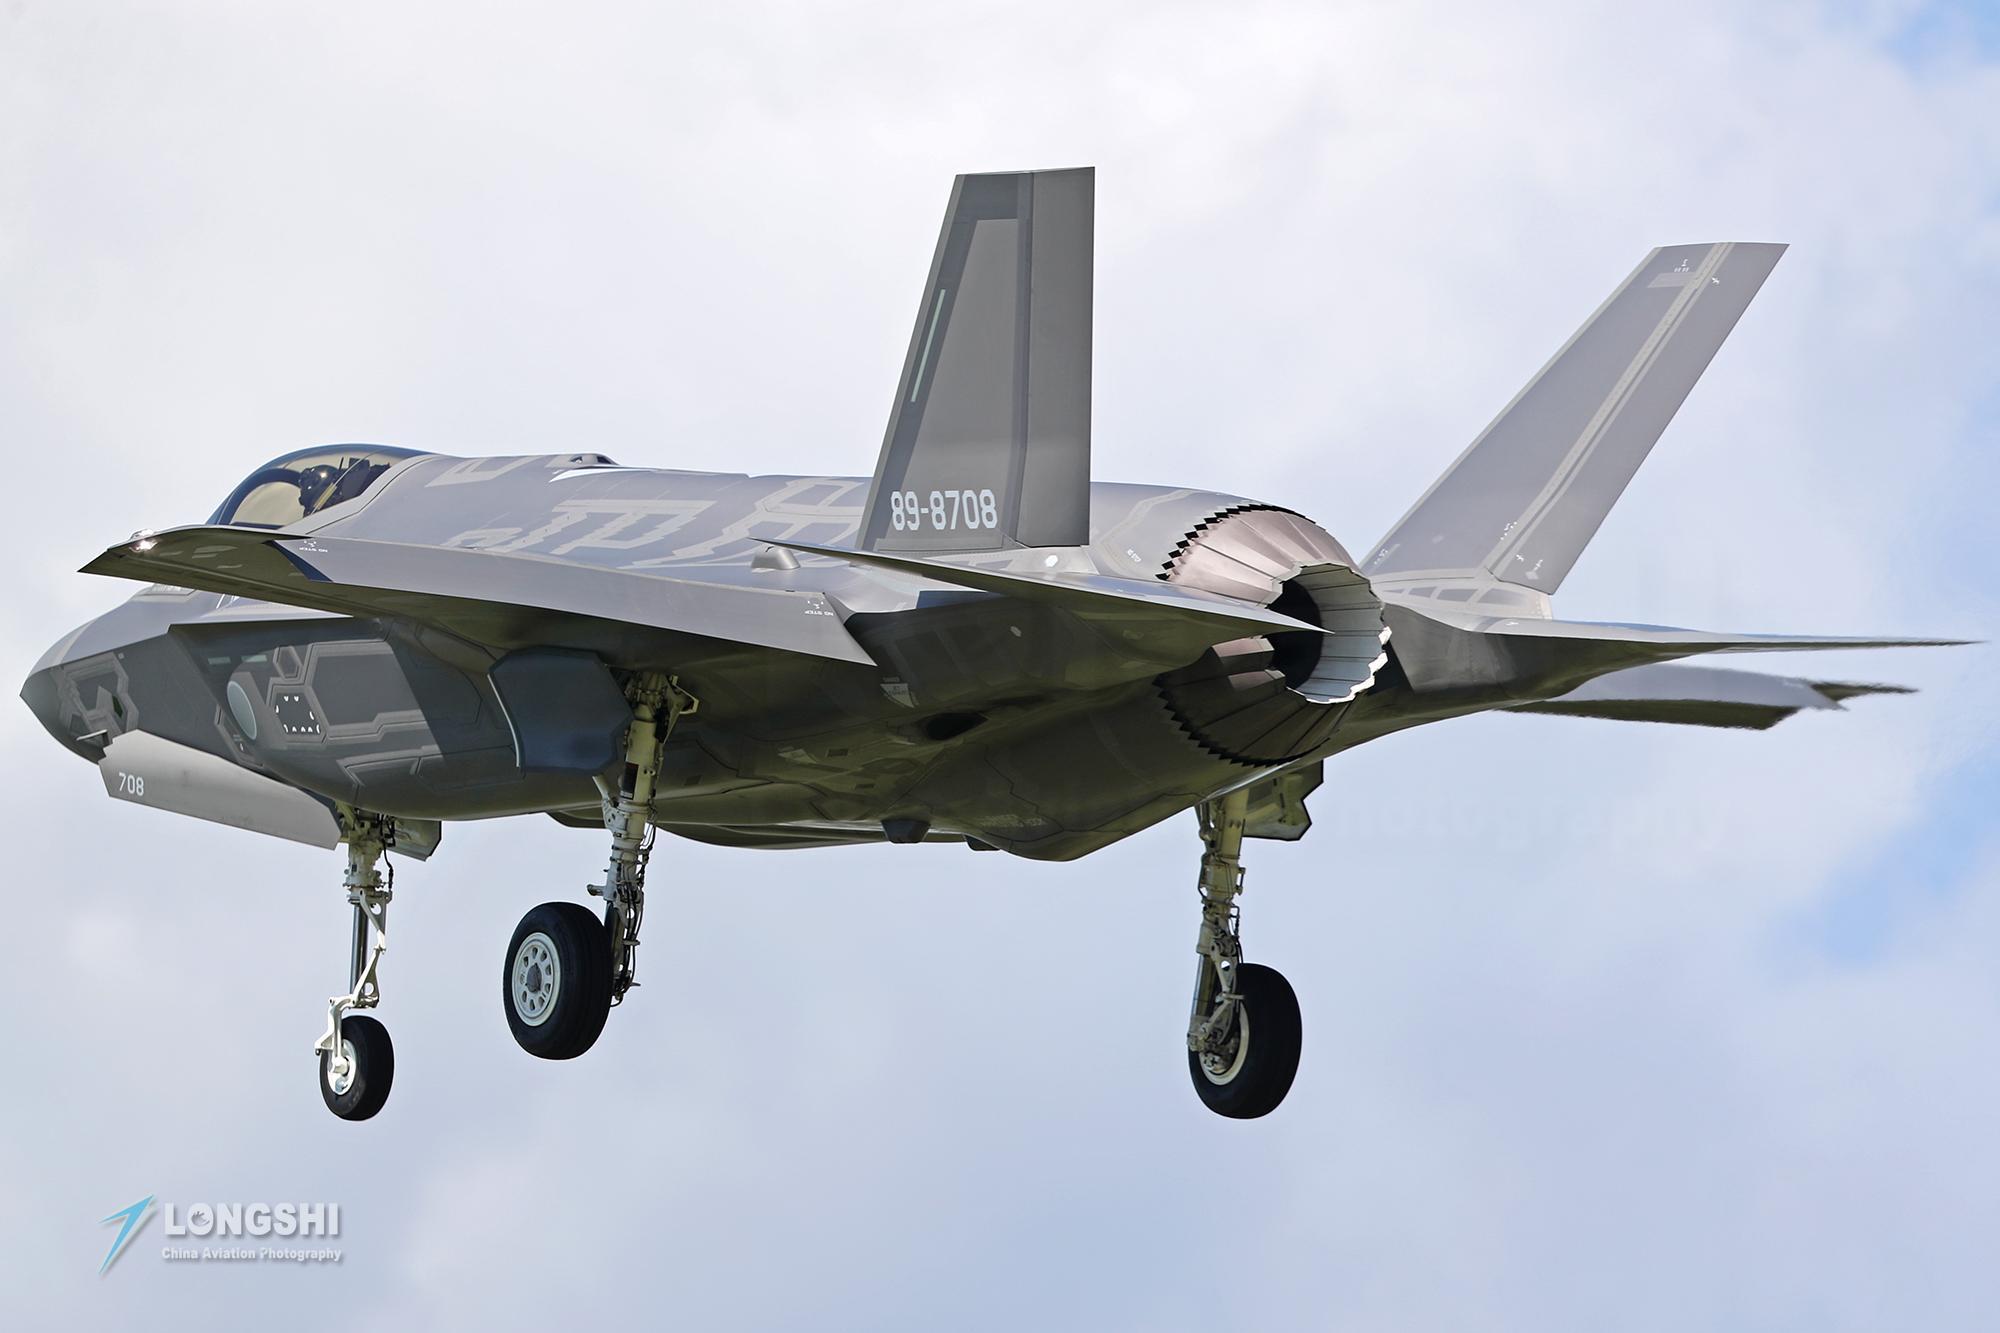 日本具备隐身战斗机生产能力 10架年内装备成定局